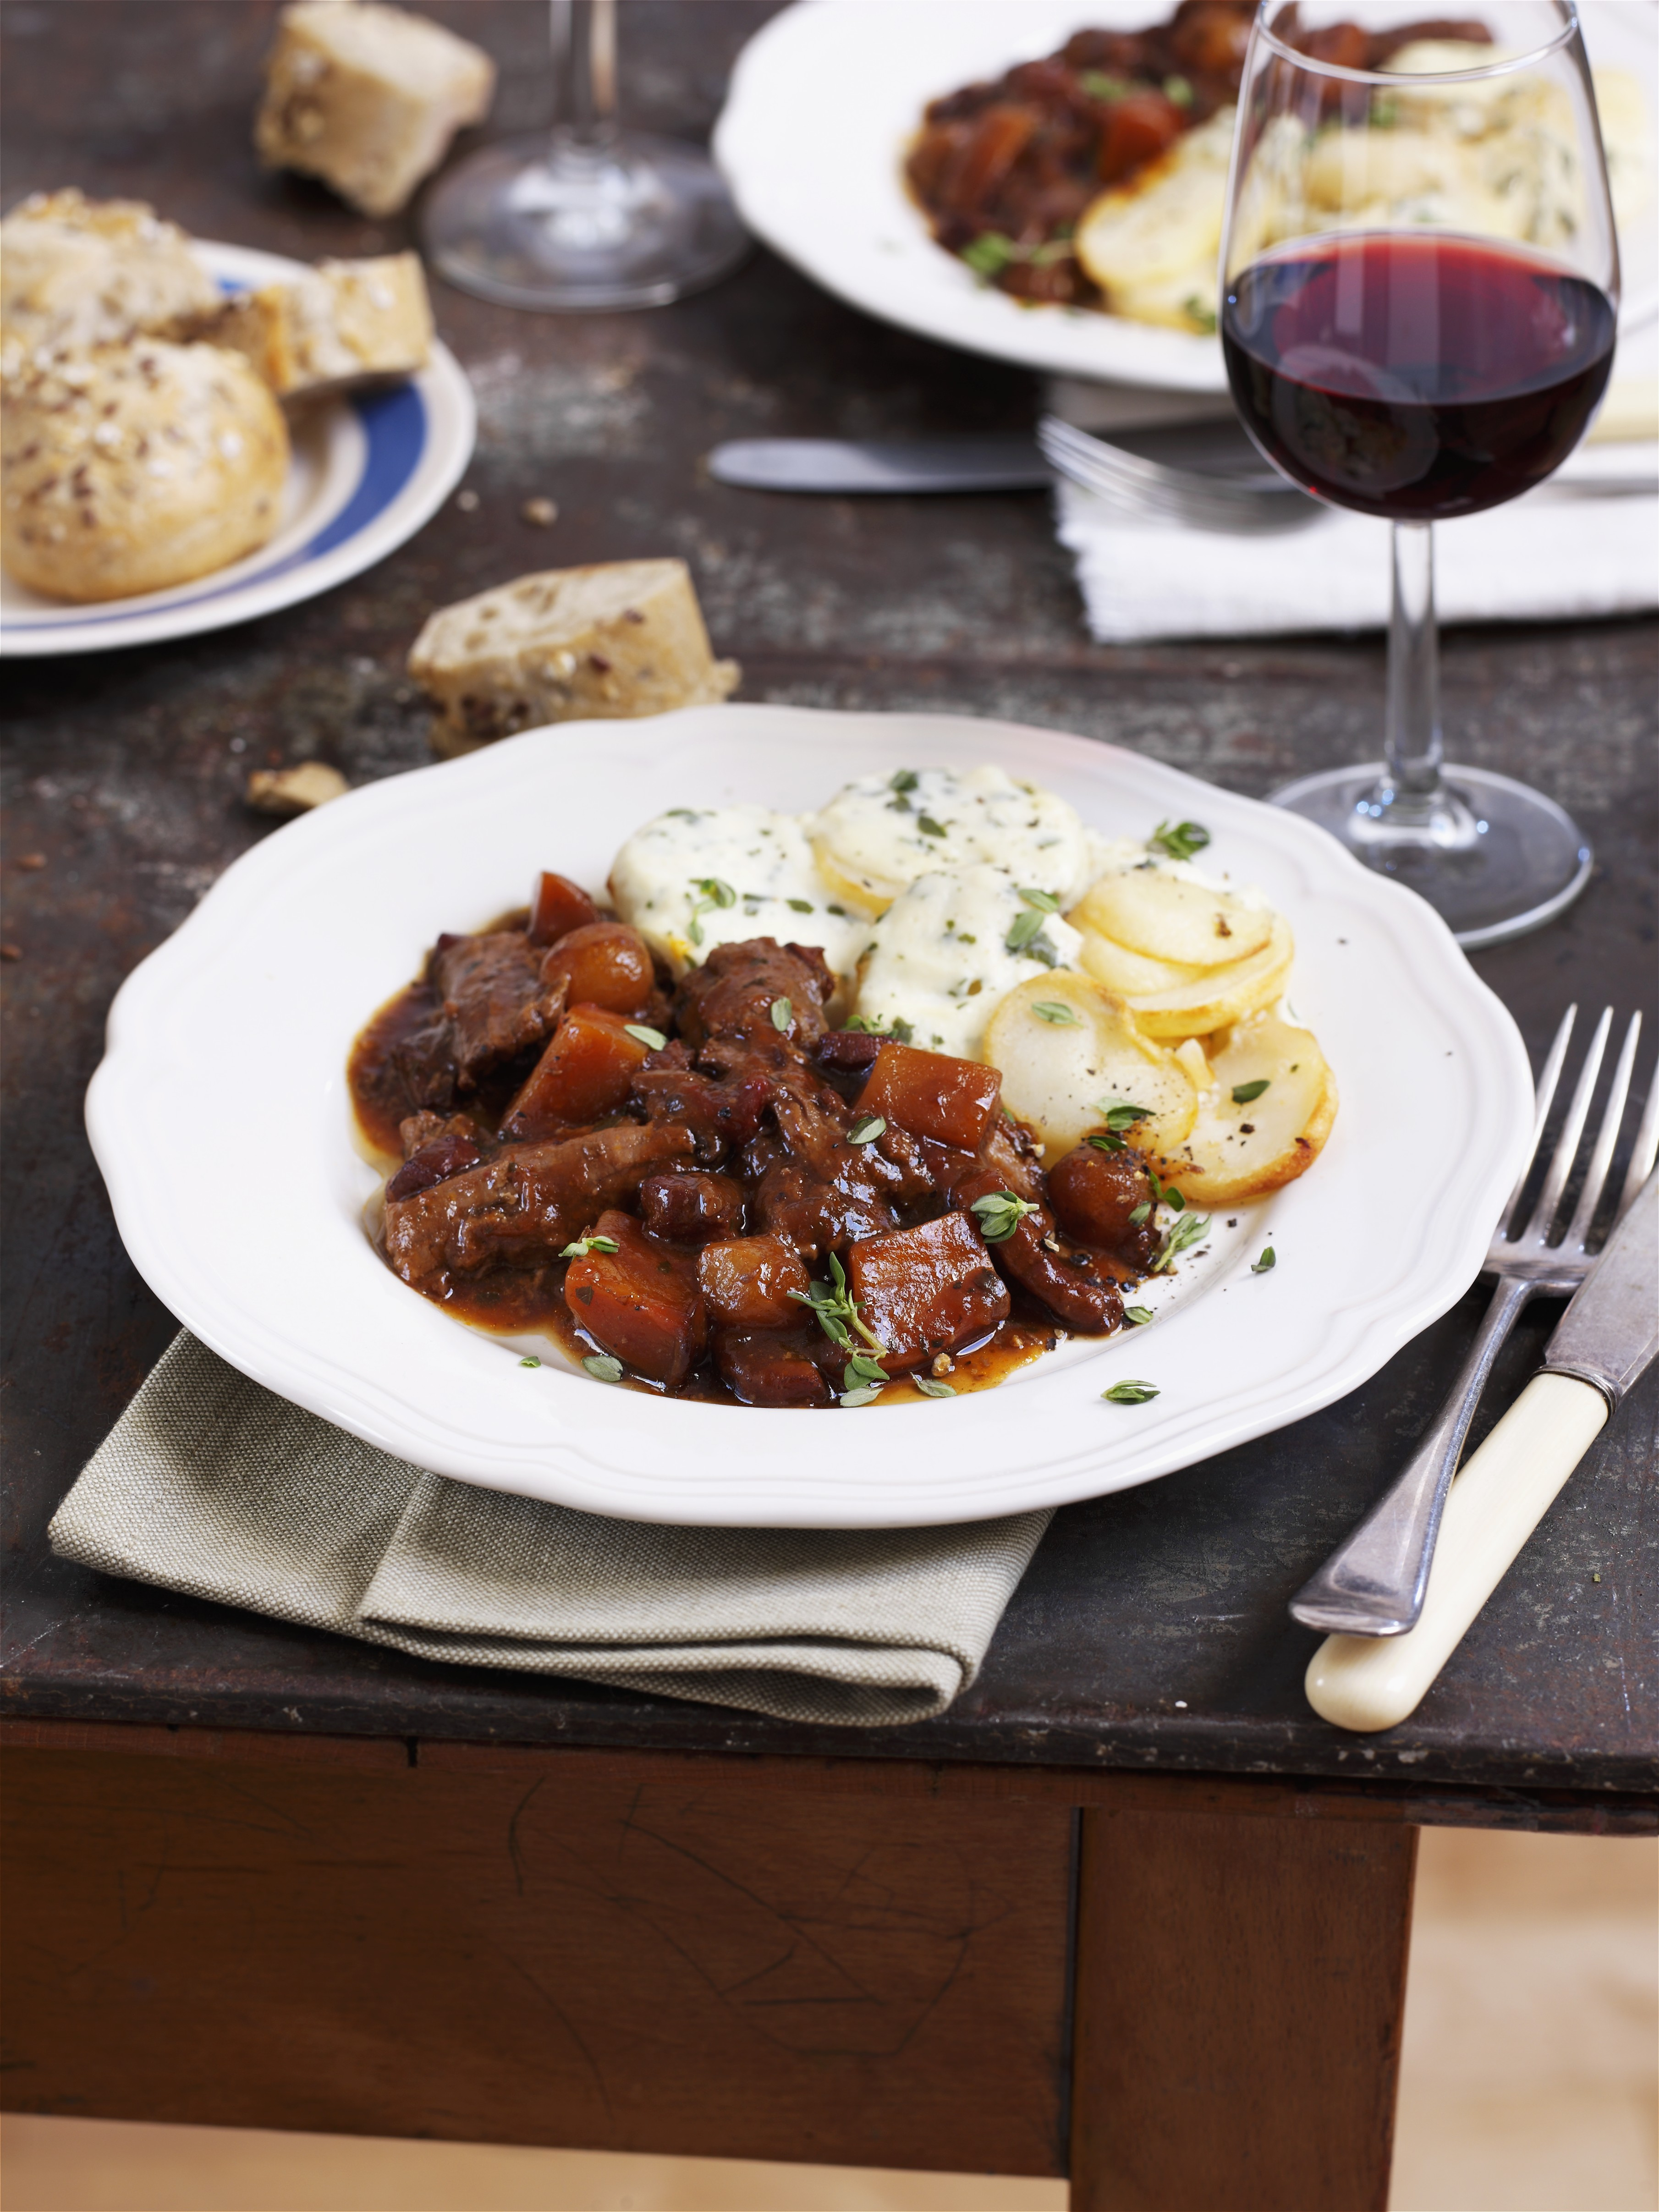 Ricetta bourguignonne francese agrodolce for Ricette roma antica